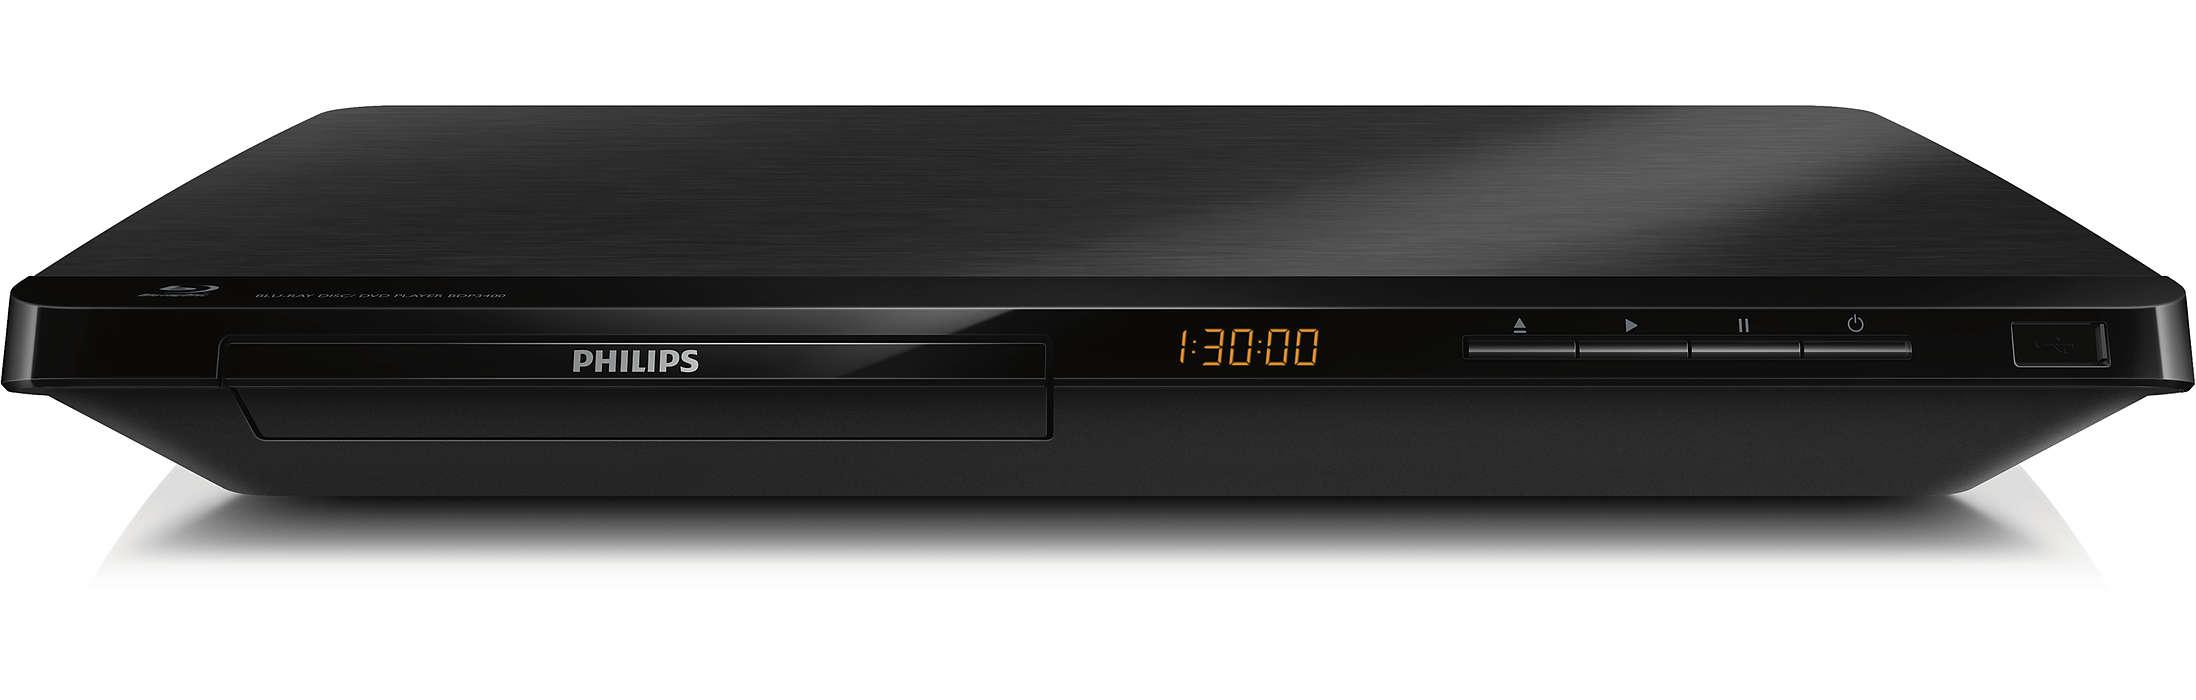 Vychutnejte si Blu-ray zážitek zkina vpohodlí domova